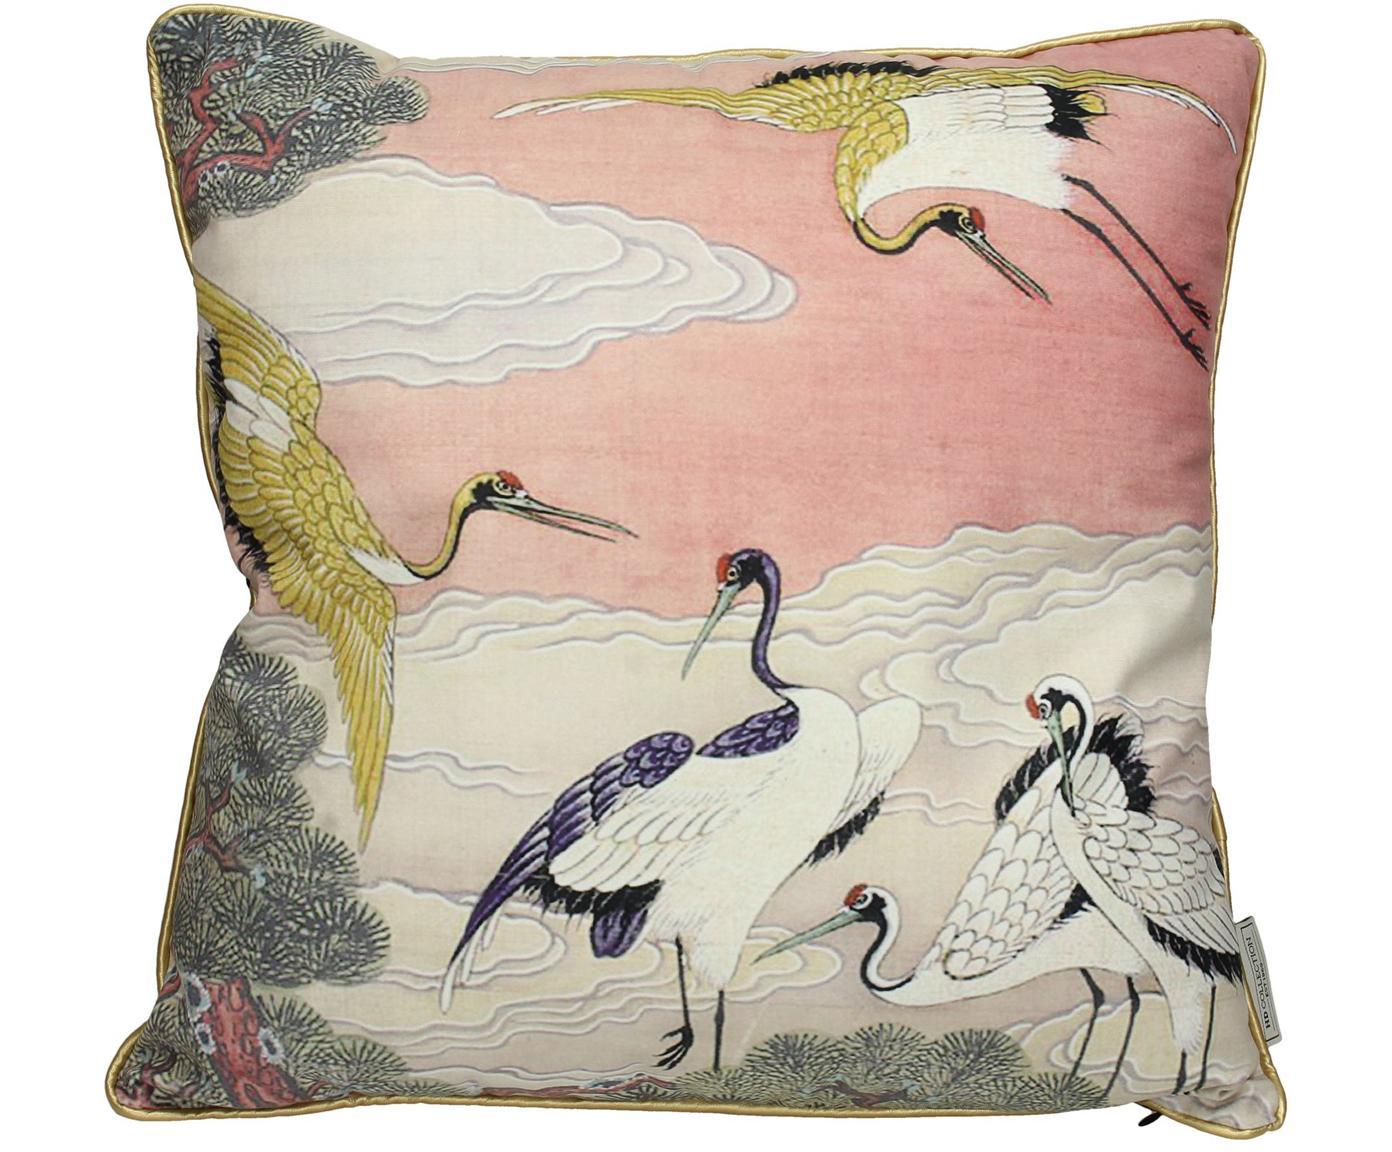 Poduszka z aksamitu Storcks, Aksamit poliestrowy, Wielobarwny, S 45 x D 45 cm